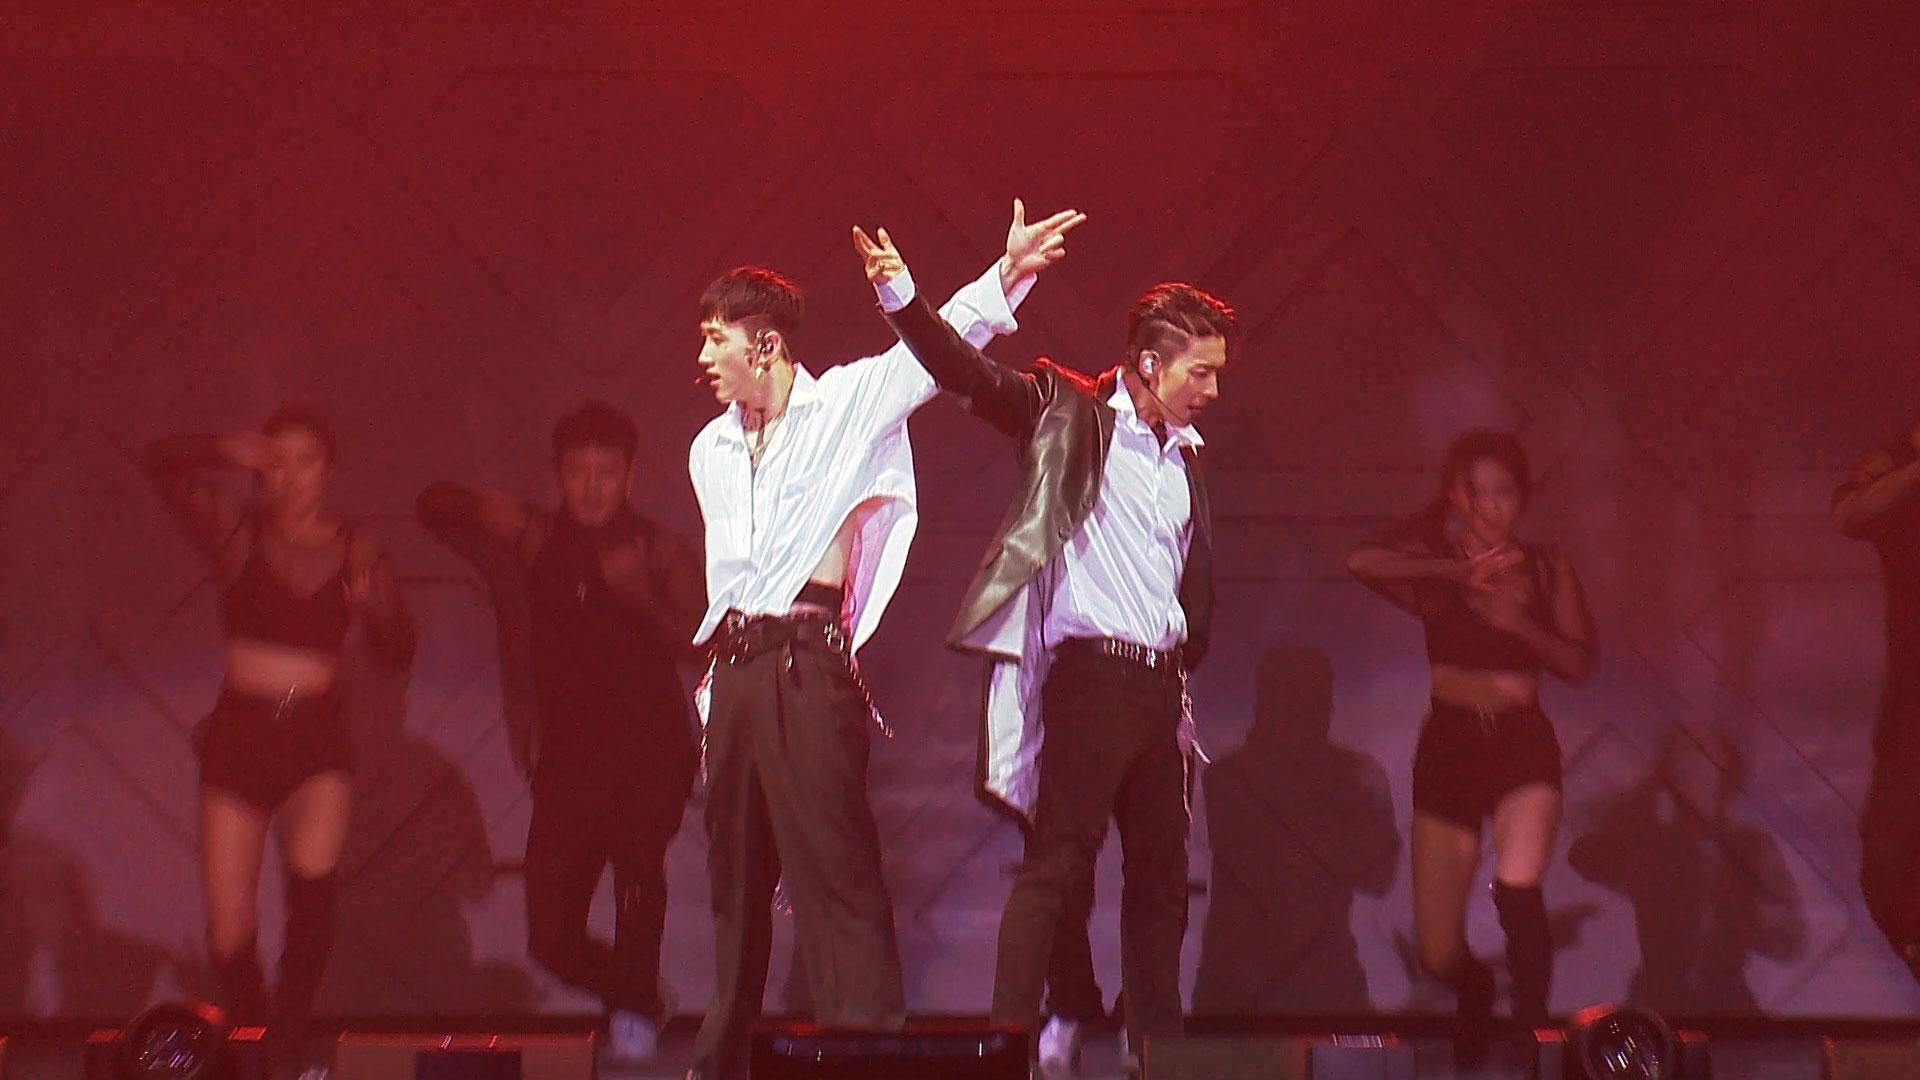 SUPER JUNIOR-D&E 슈퍼주니어-D&E '땡겨 (Danger)' Concert Ver. @SUPER JUNIOR-D&E CONCERT 'THE D&E'